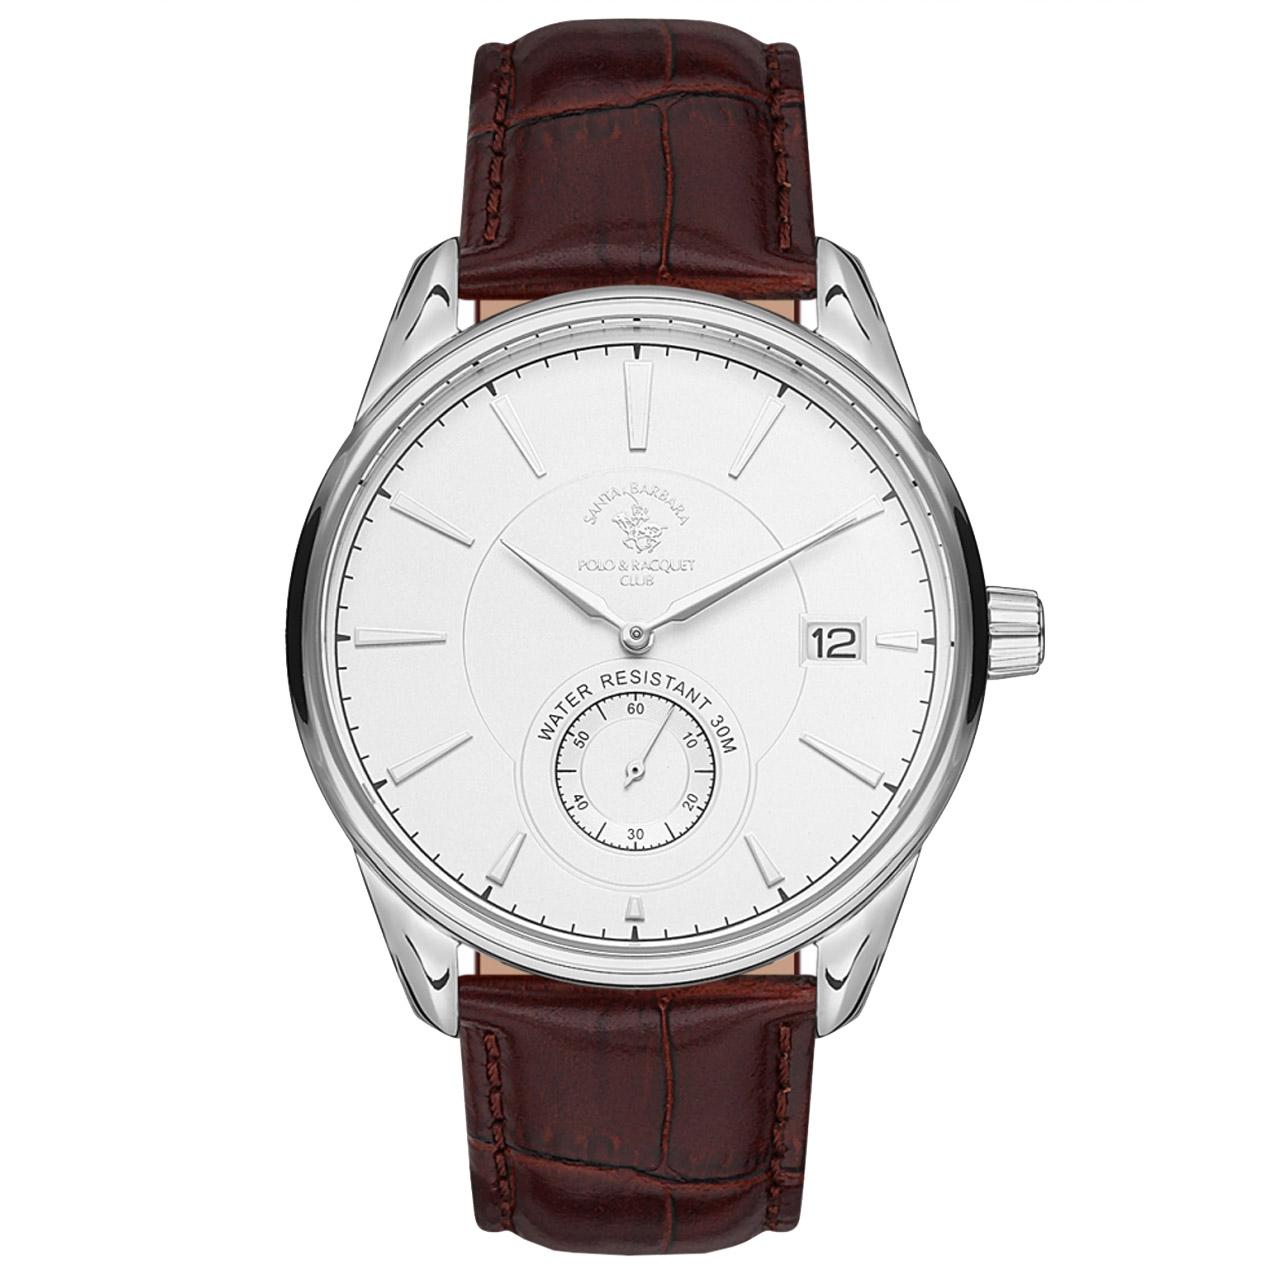 ساعت مچی عقربه ای مردانه سانتا باربارا مدل sb.5.1156.7